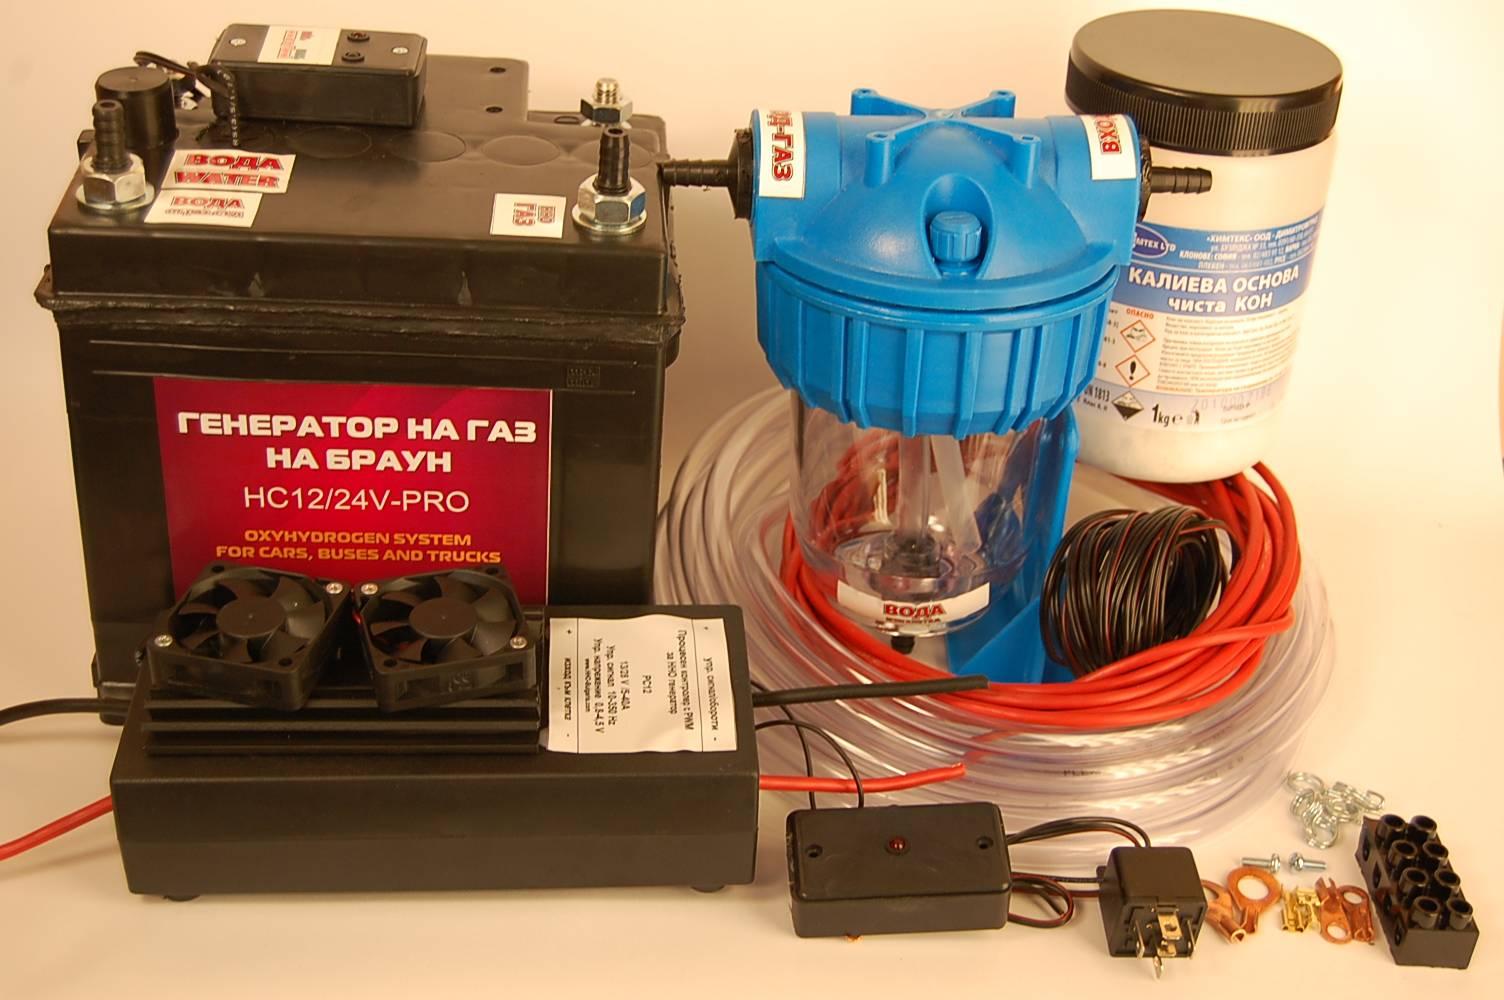 Отопление на водороде дома своими руками: генератор для частного и печь, установка